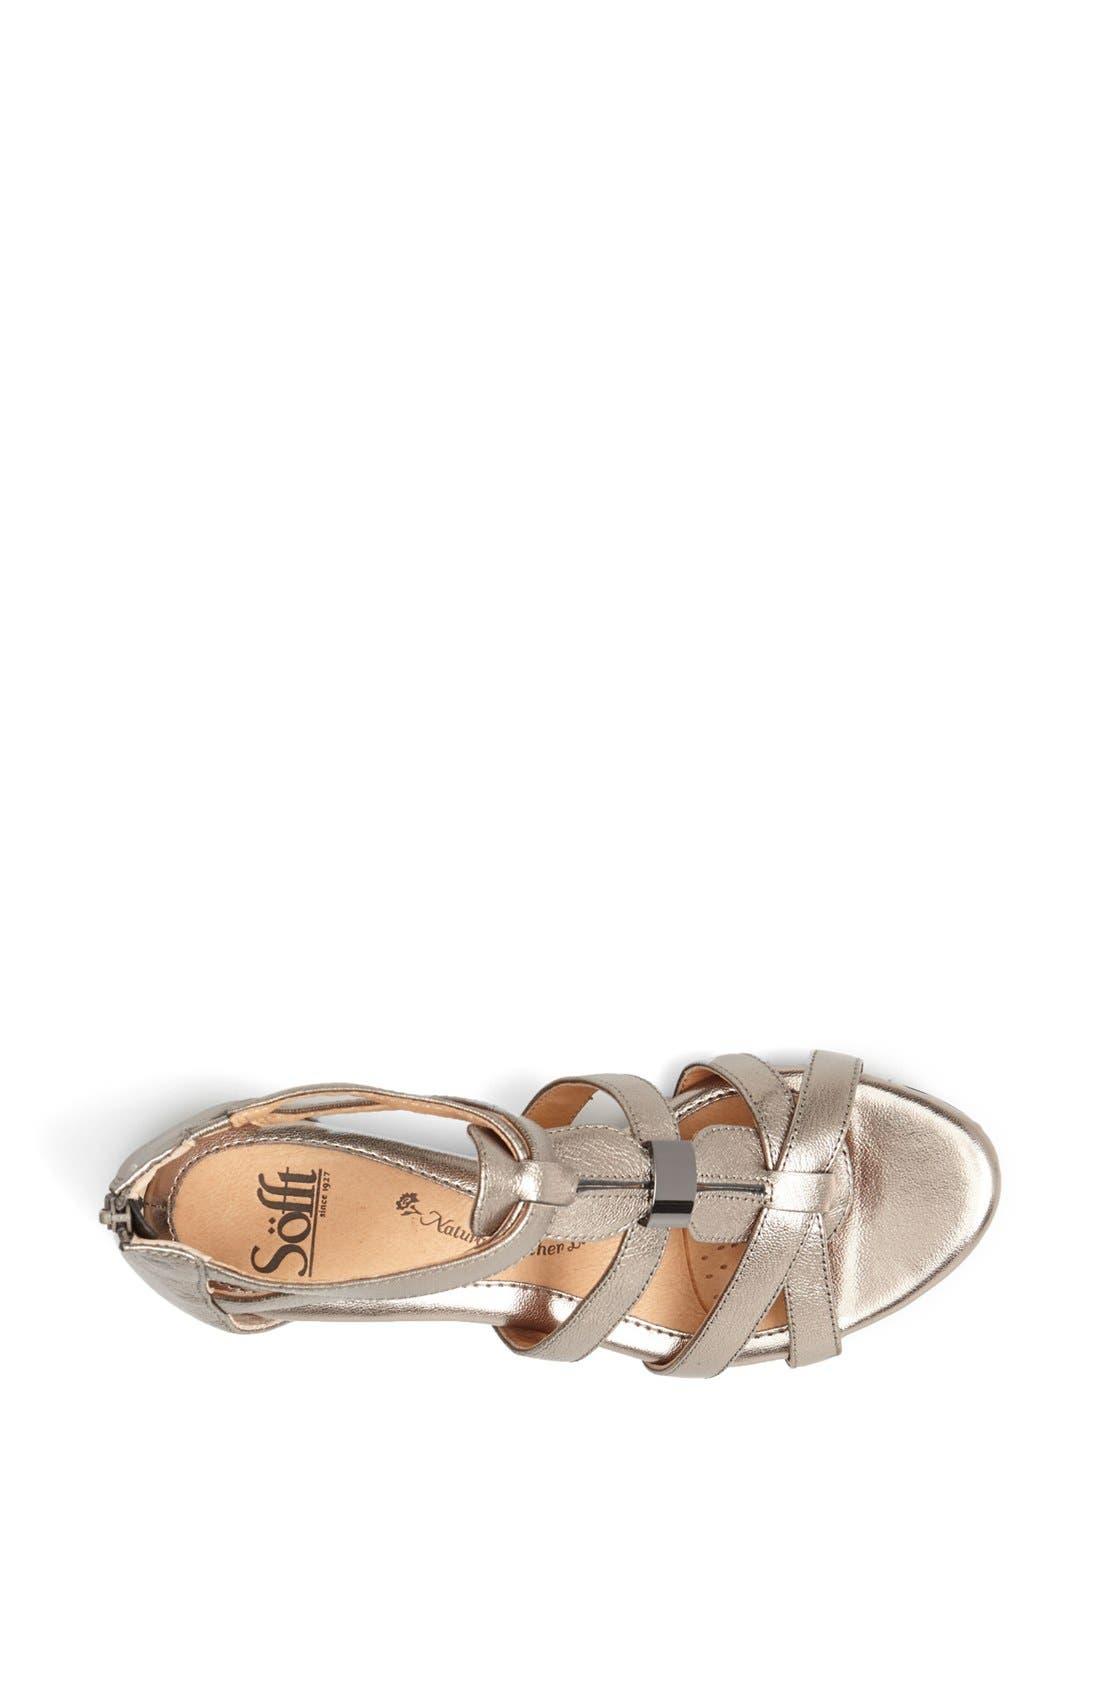 Alternate Image 3  - Söfft 'Bernia' Sandal